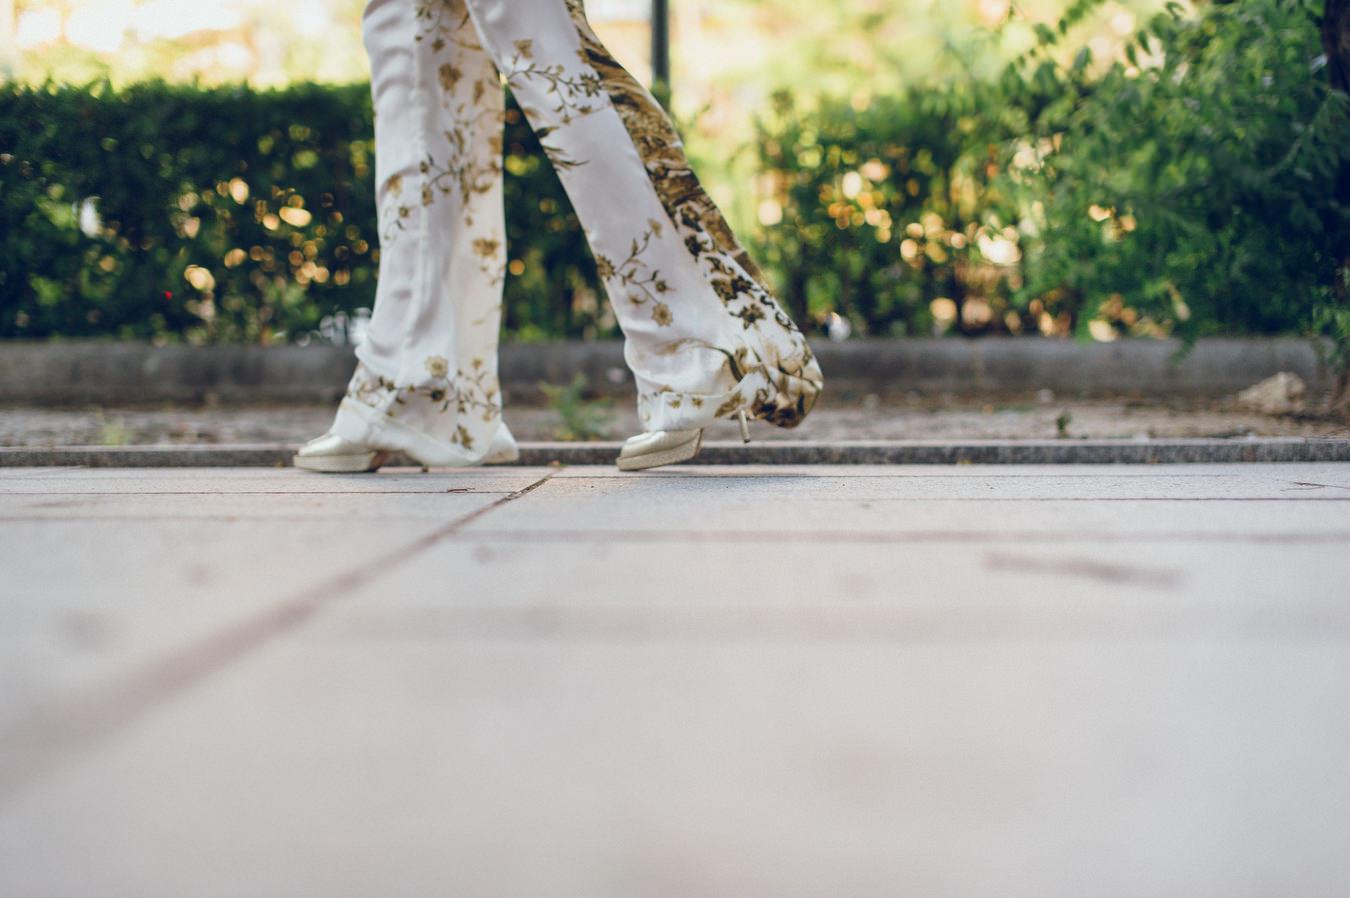 calista-one-lista-de-bodas-online-blog-de-bodas-bossanova-looks-invitadas-adriana-kimono-10